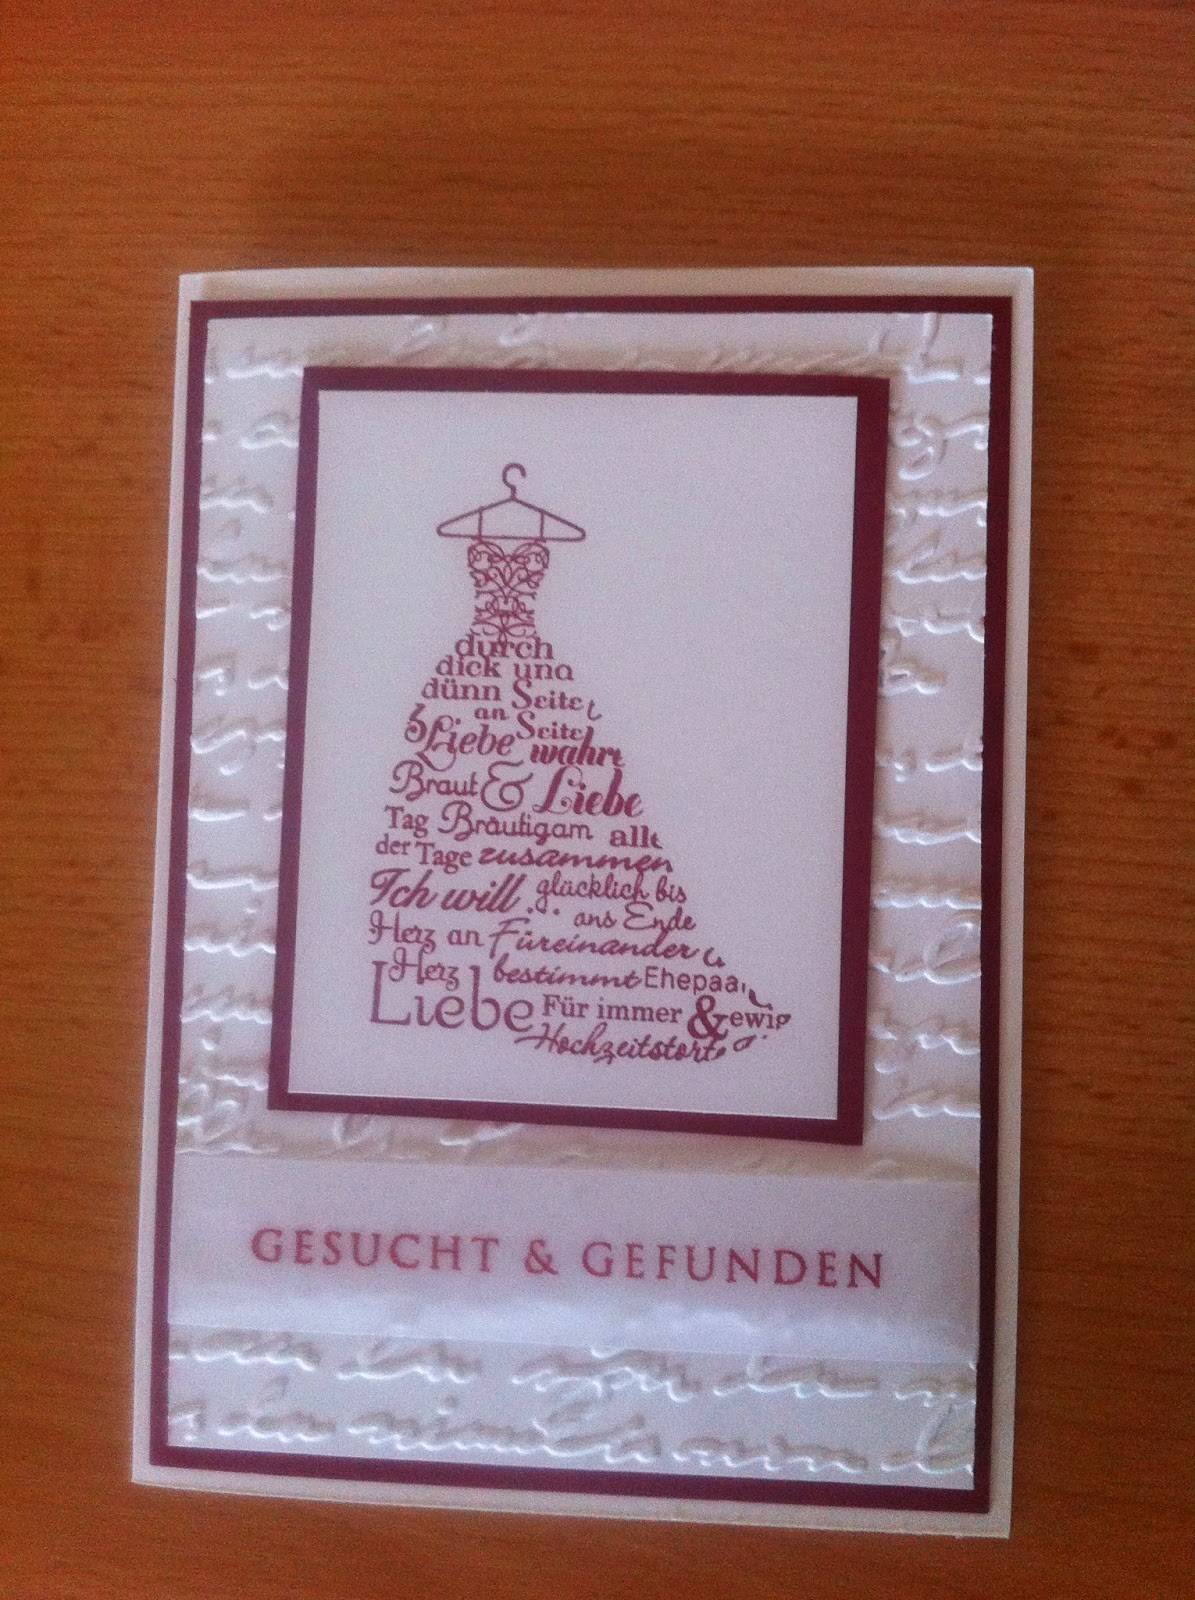 ... Ein Kleiner Umschlag Gestanzet Mit Der Briefumschlagstanze Von Marianne  Design, Darin Befindet Sich Ein Puzzle Als Gag Für Die Gäste.